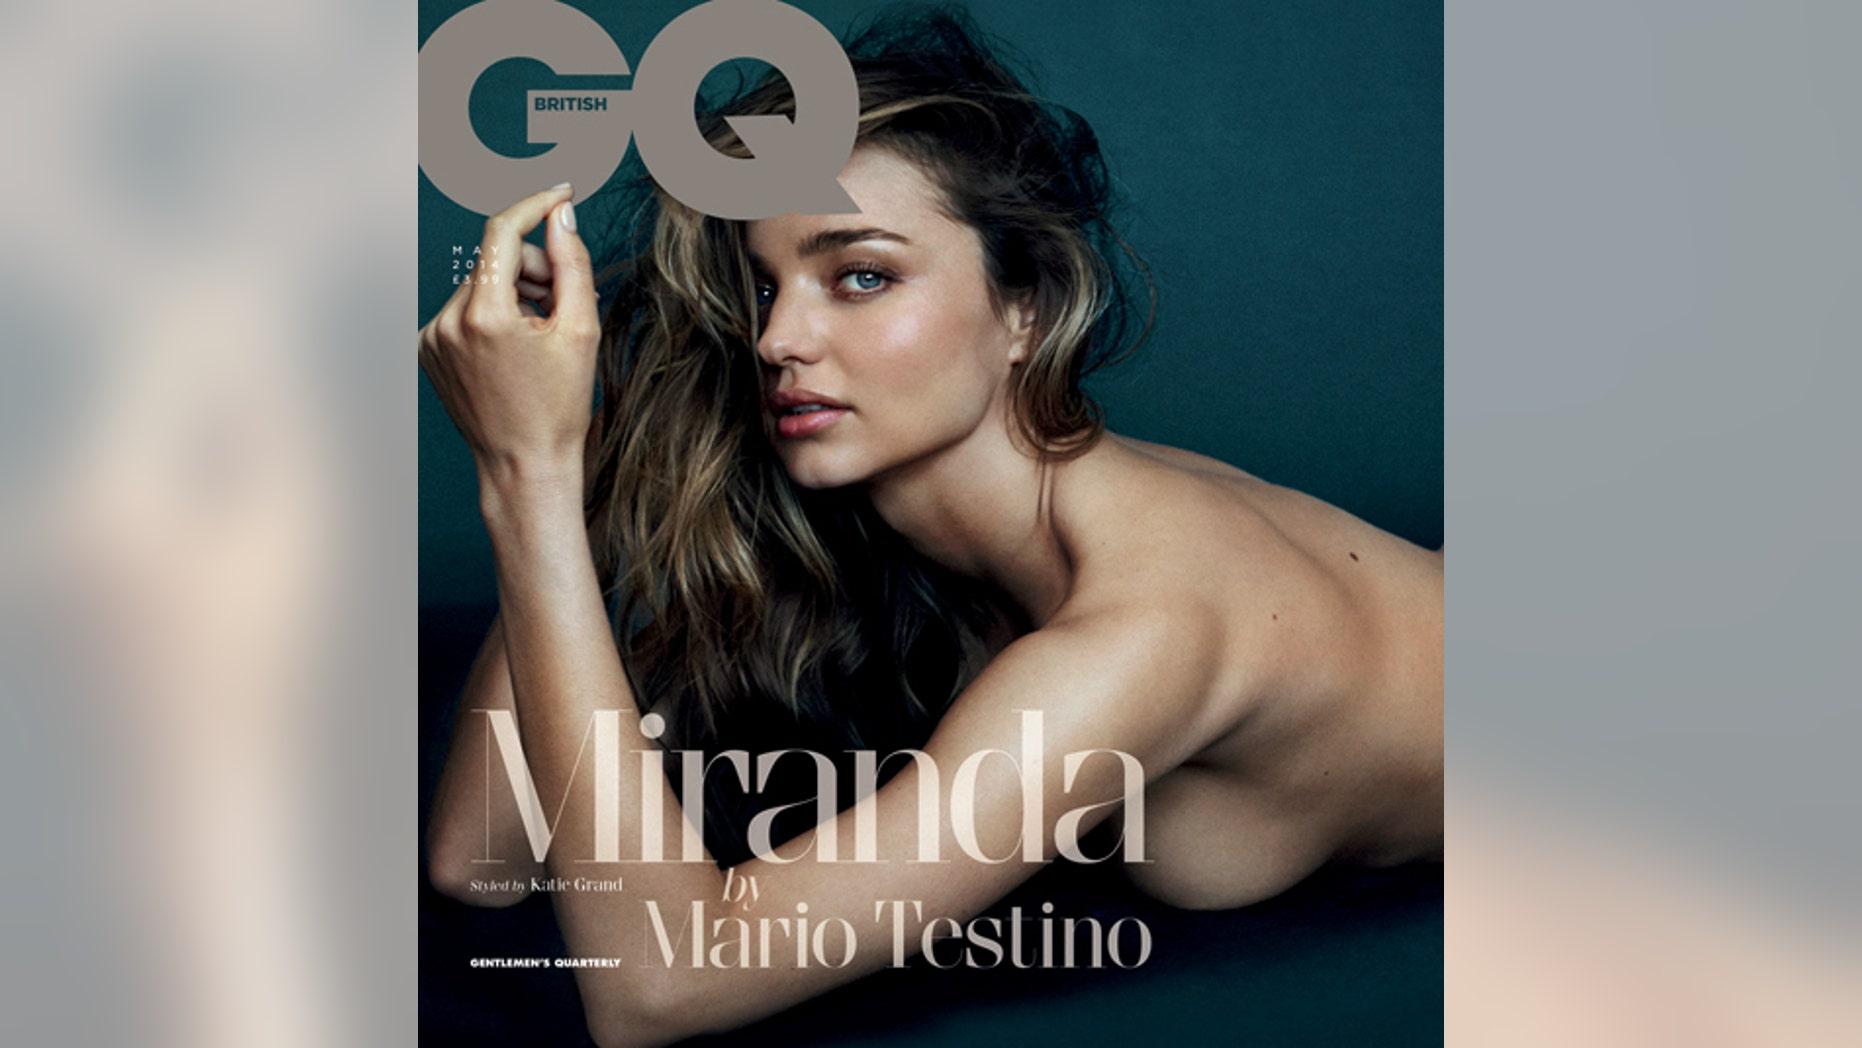 Miranda Kerr - British GQ Cover Shoot BTS w/ Mario Testino